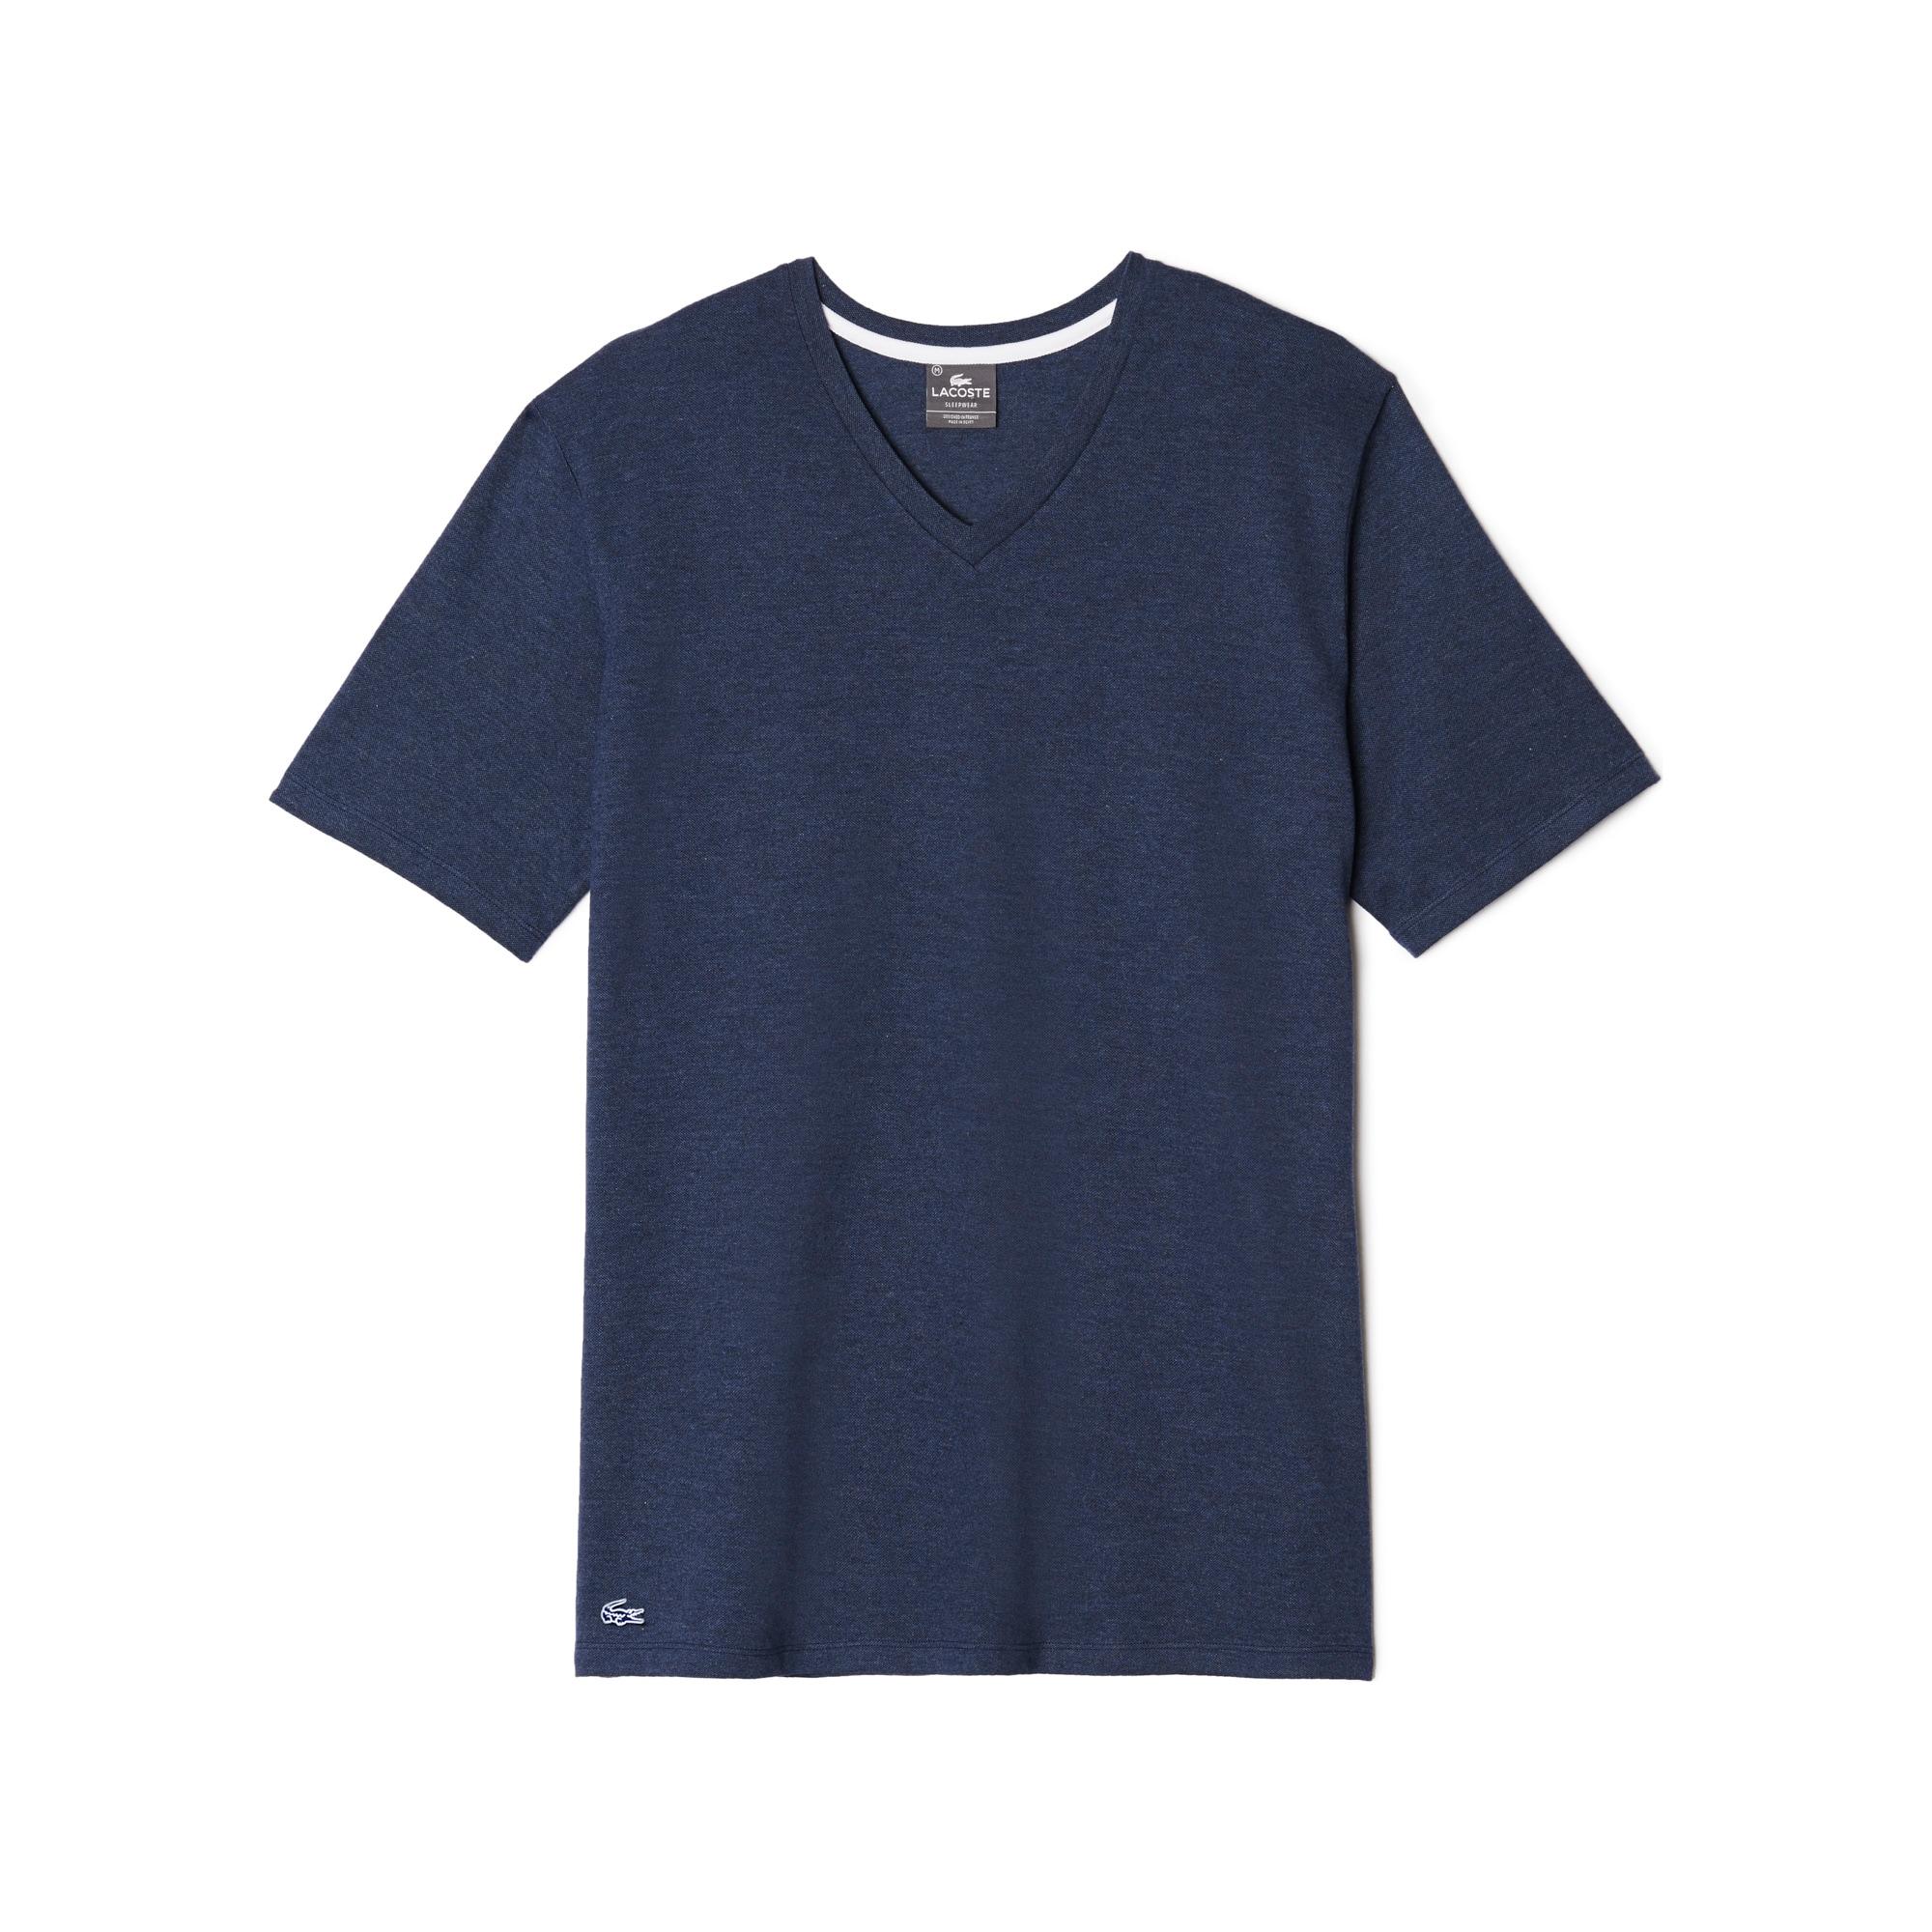 T-shirt unicolor L.12.12